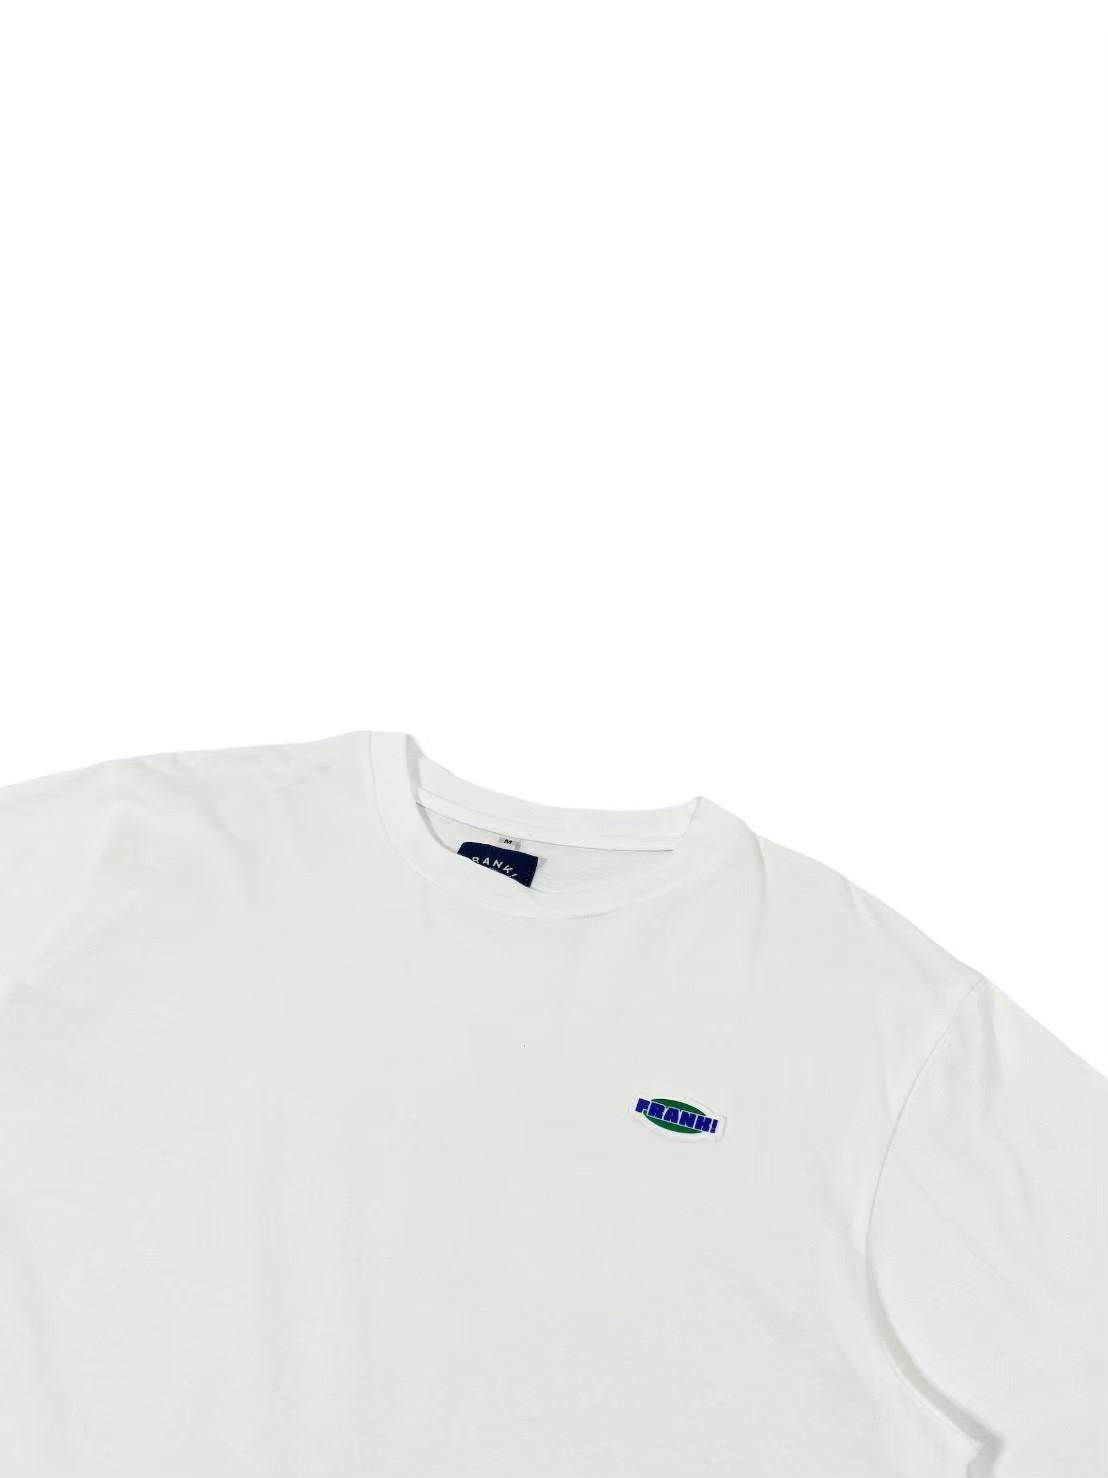 Frank Logo Tee (White)